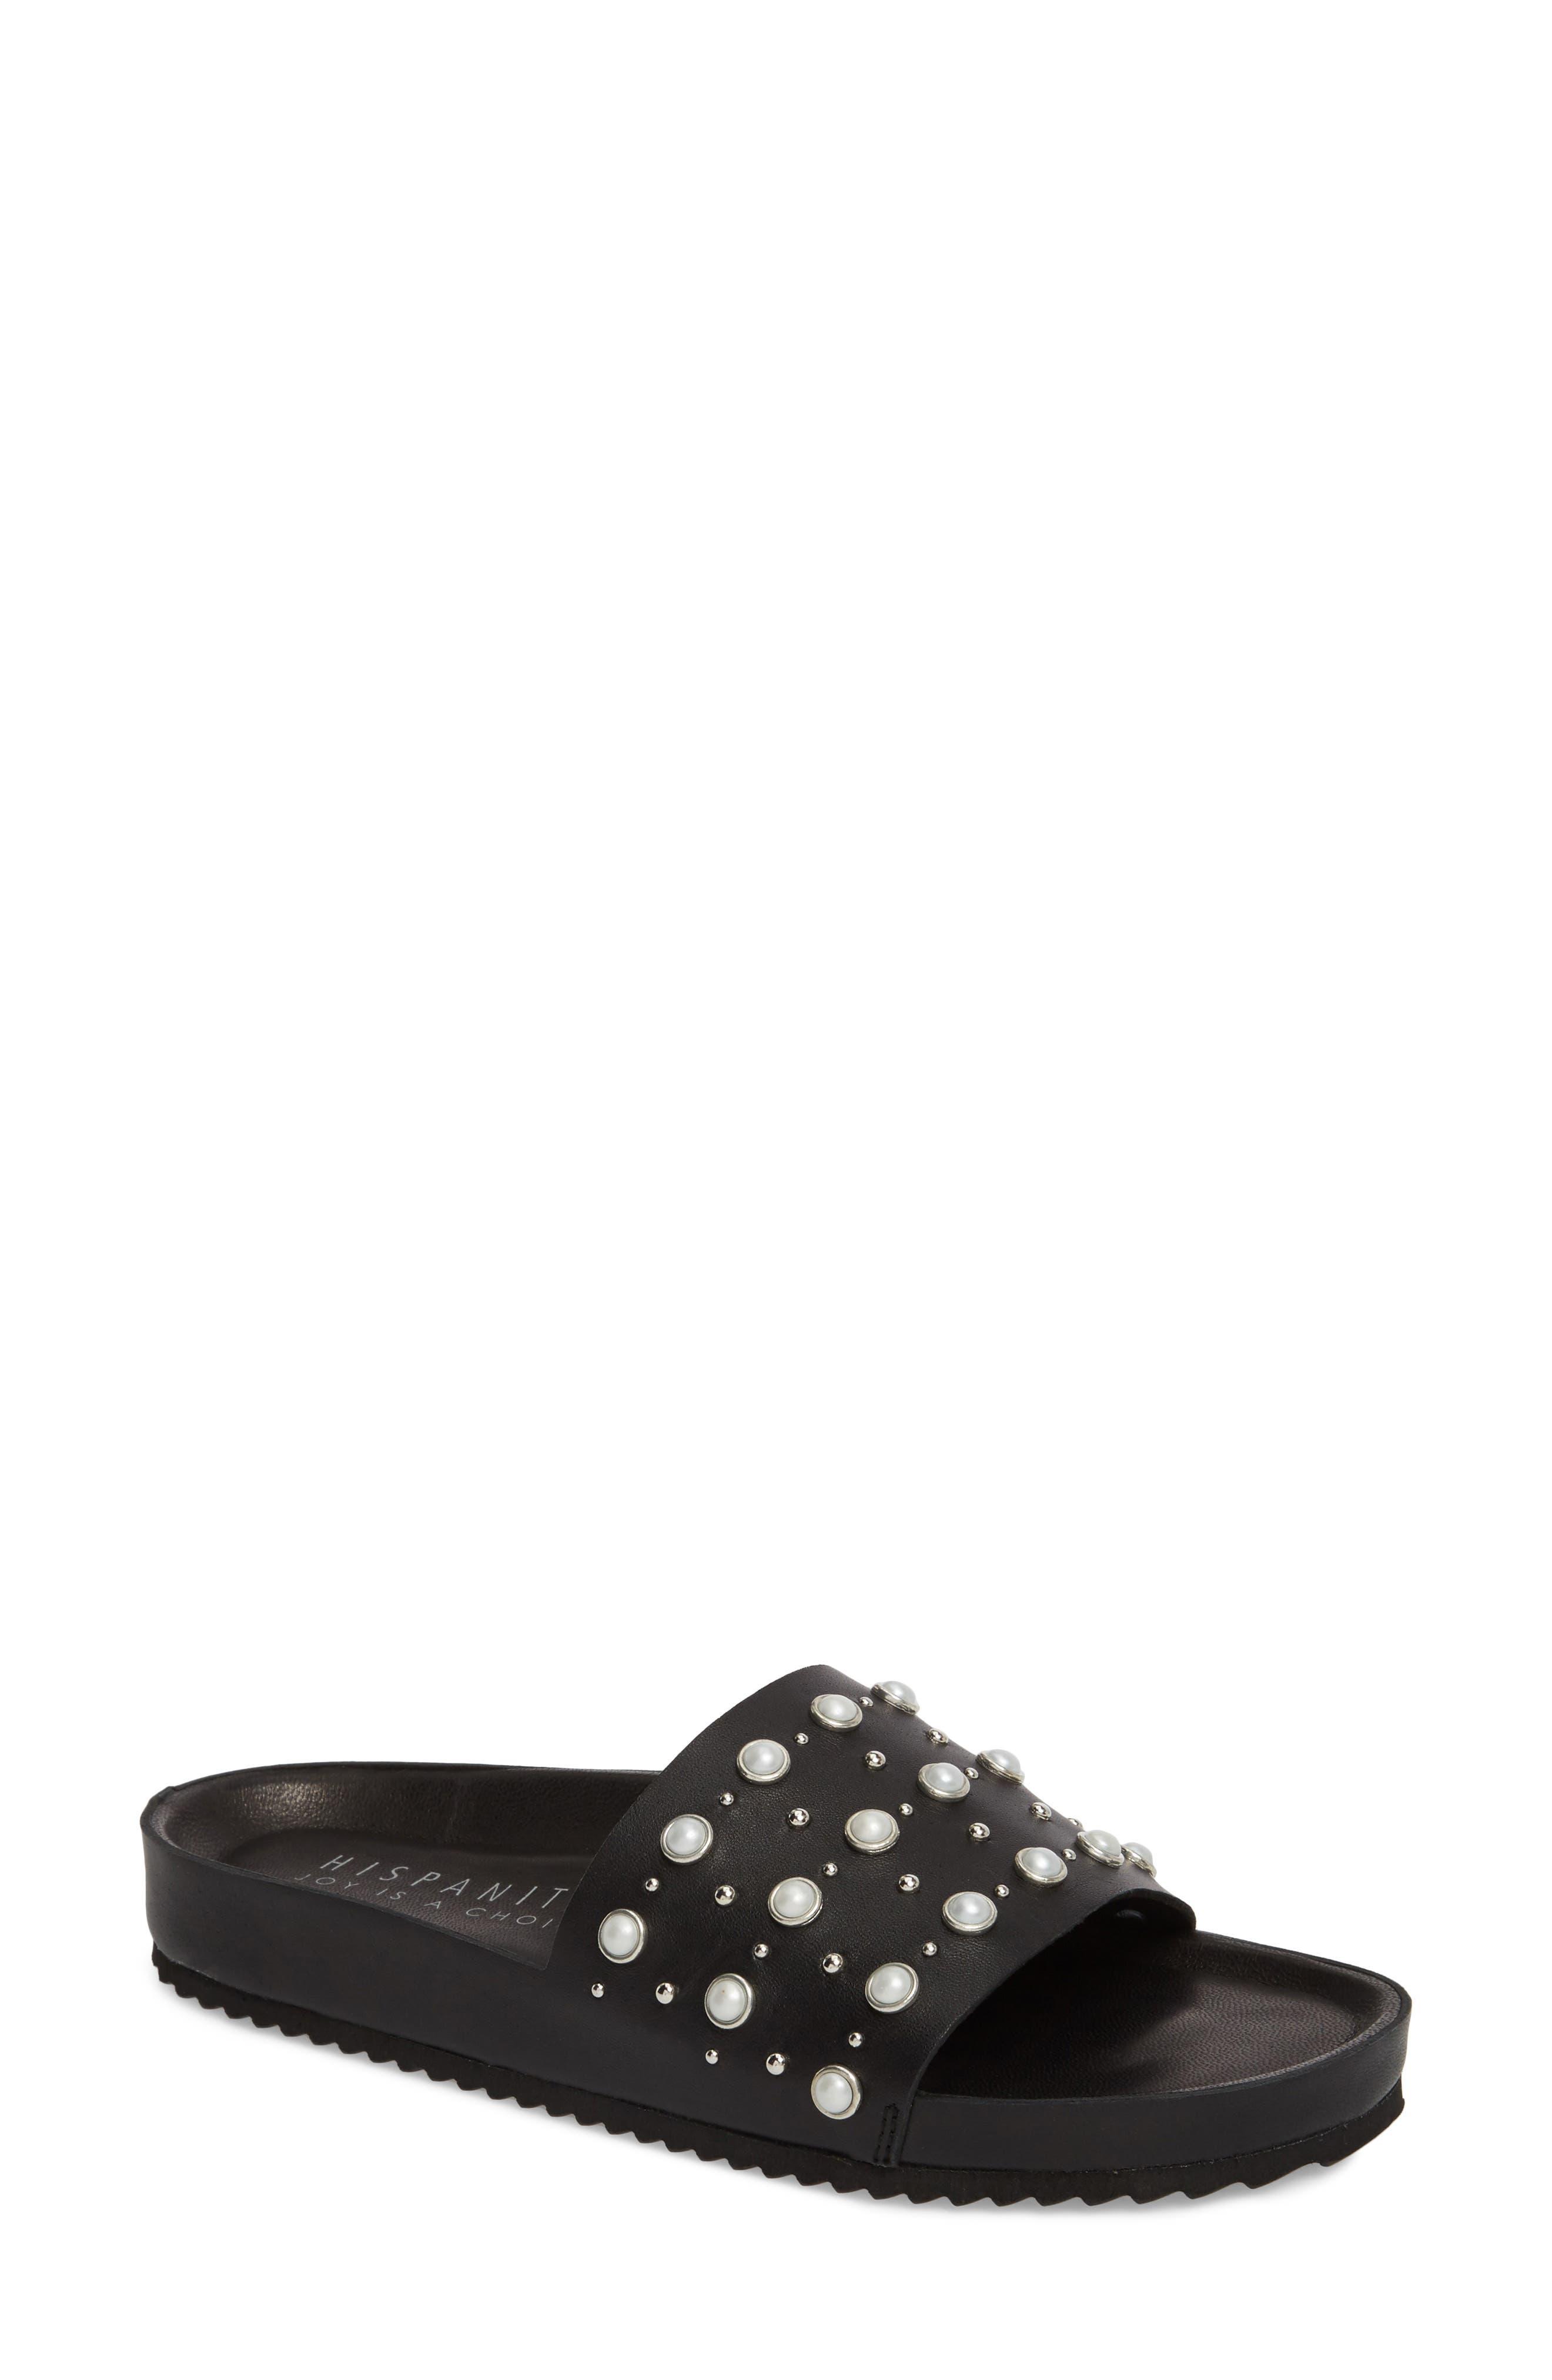 Santori Slide Sandal,                             Main thumbnail 1, color,                             Napa Black Leather